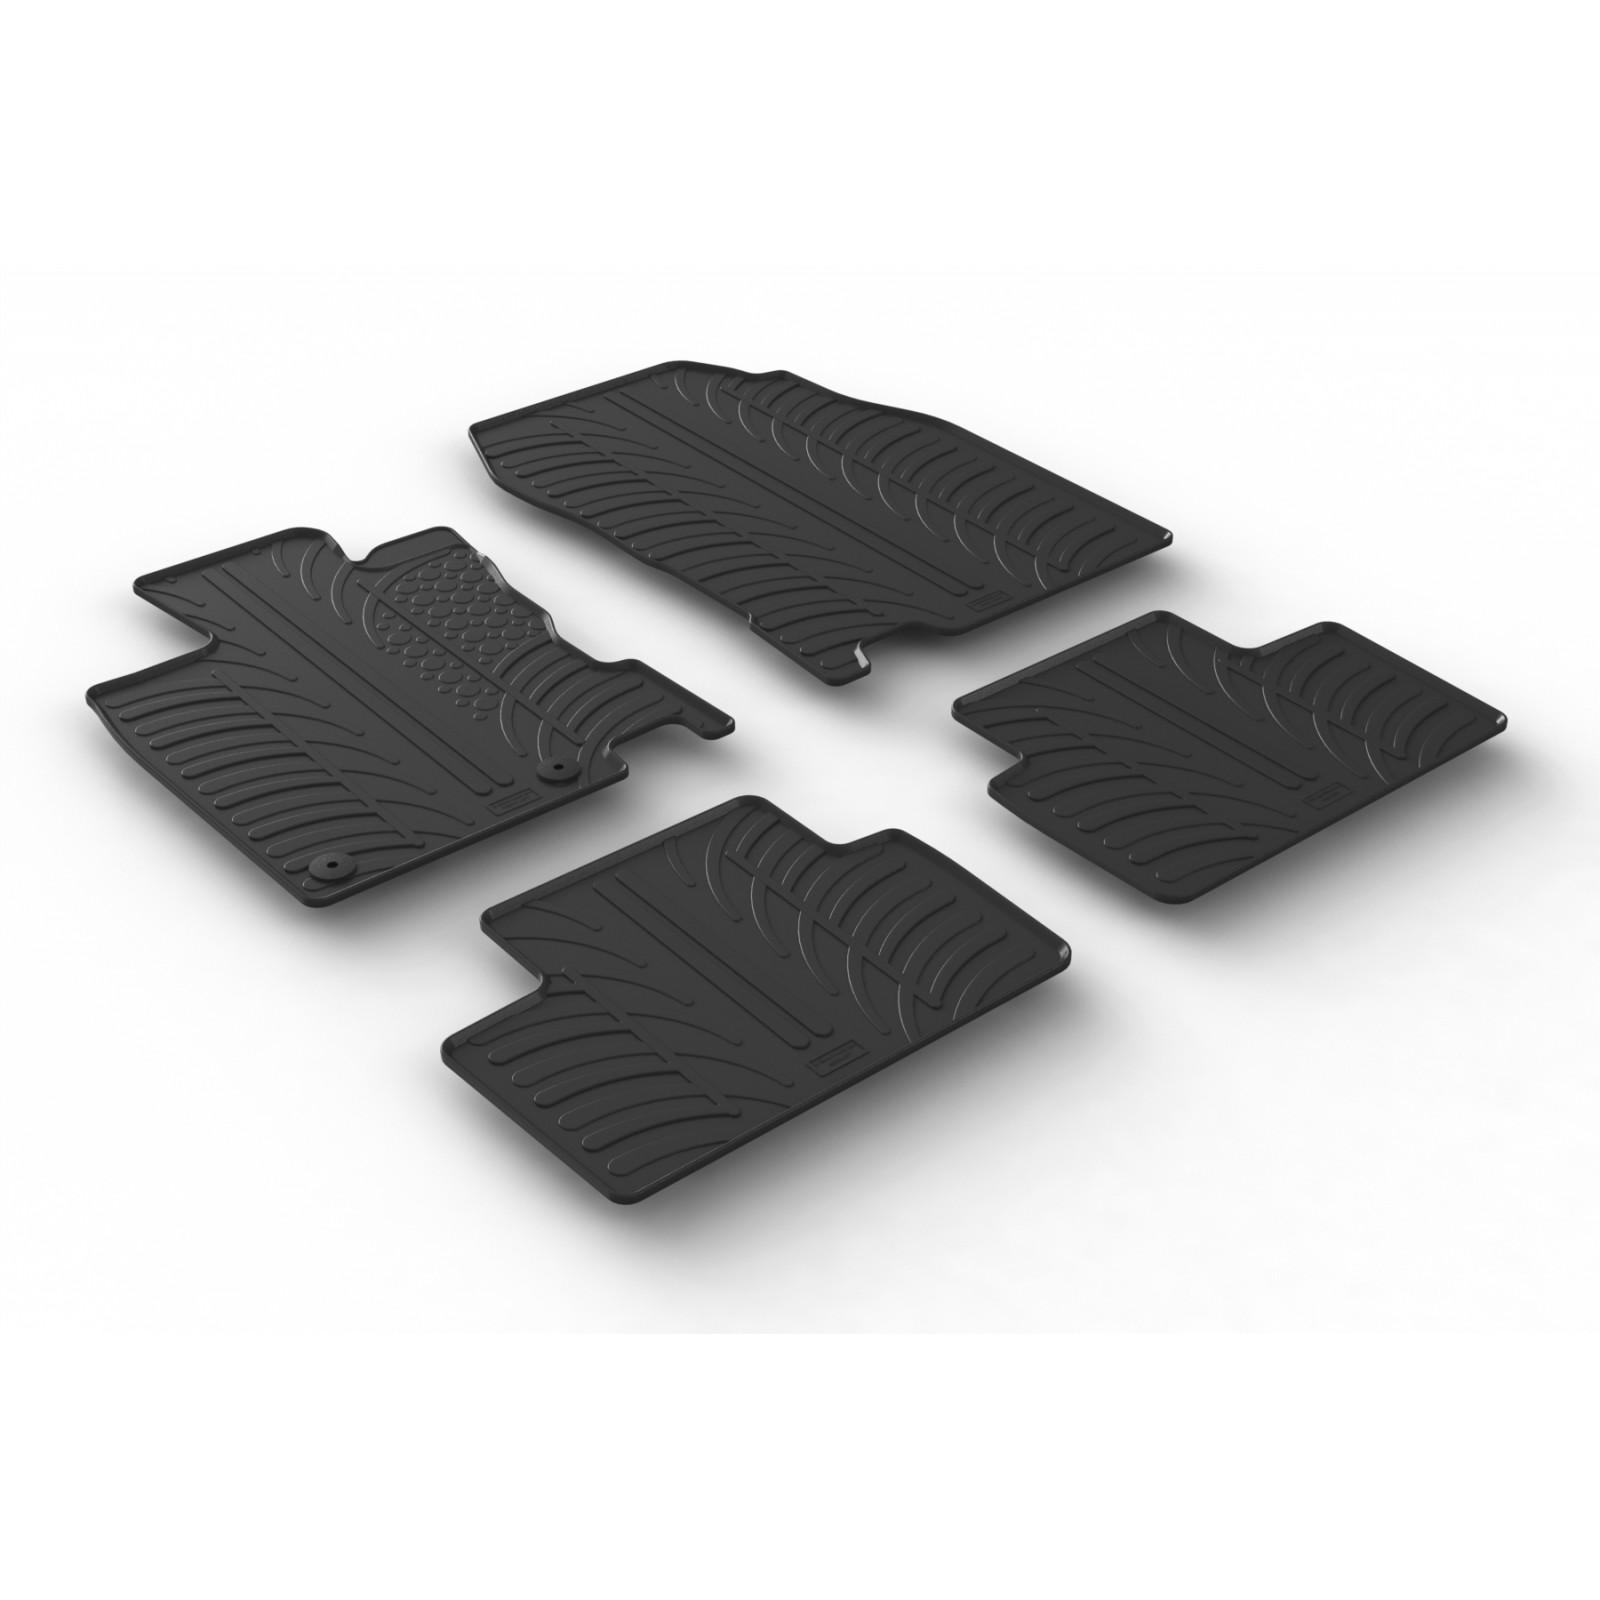 tapis en caoutchouc pour renault kadjar renault tapis en caoutchouc sur mesure offre sur. Black Bedroom Furniture Sets. Home Design Ideas